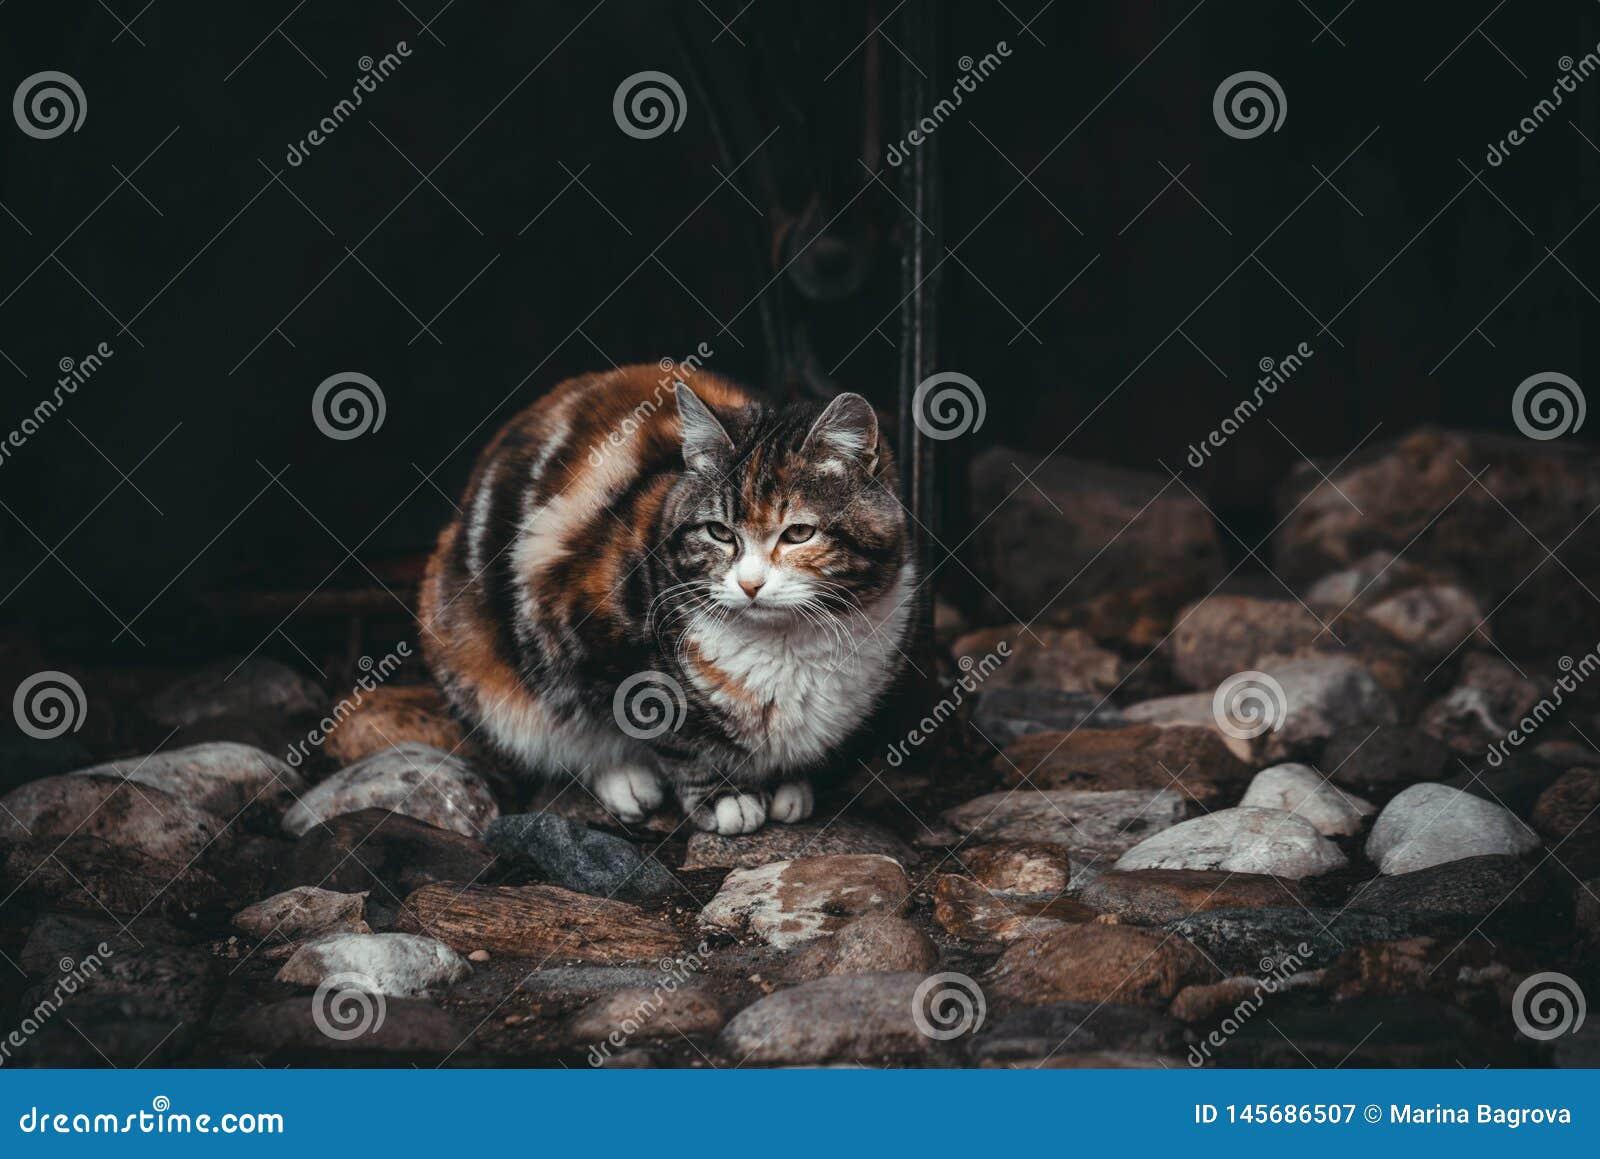 Грустный кот на черной предпосылке Ожидание владельца Красивый красочный кот на красочных камнях Коты улицы